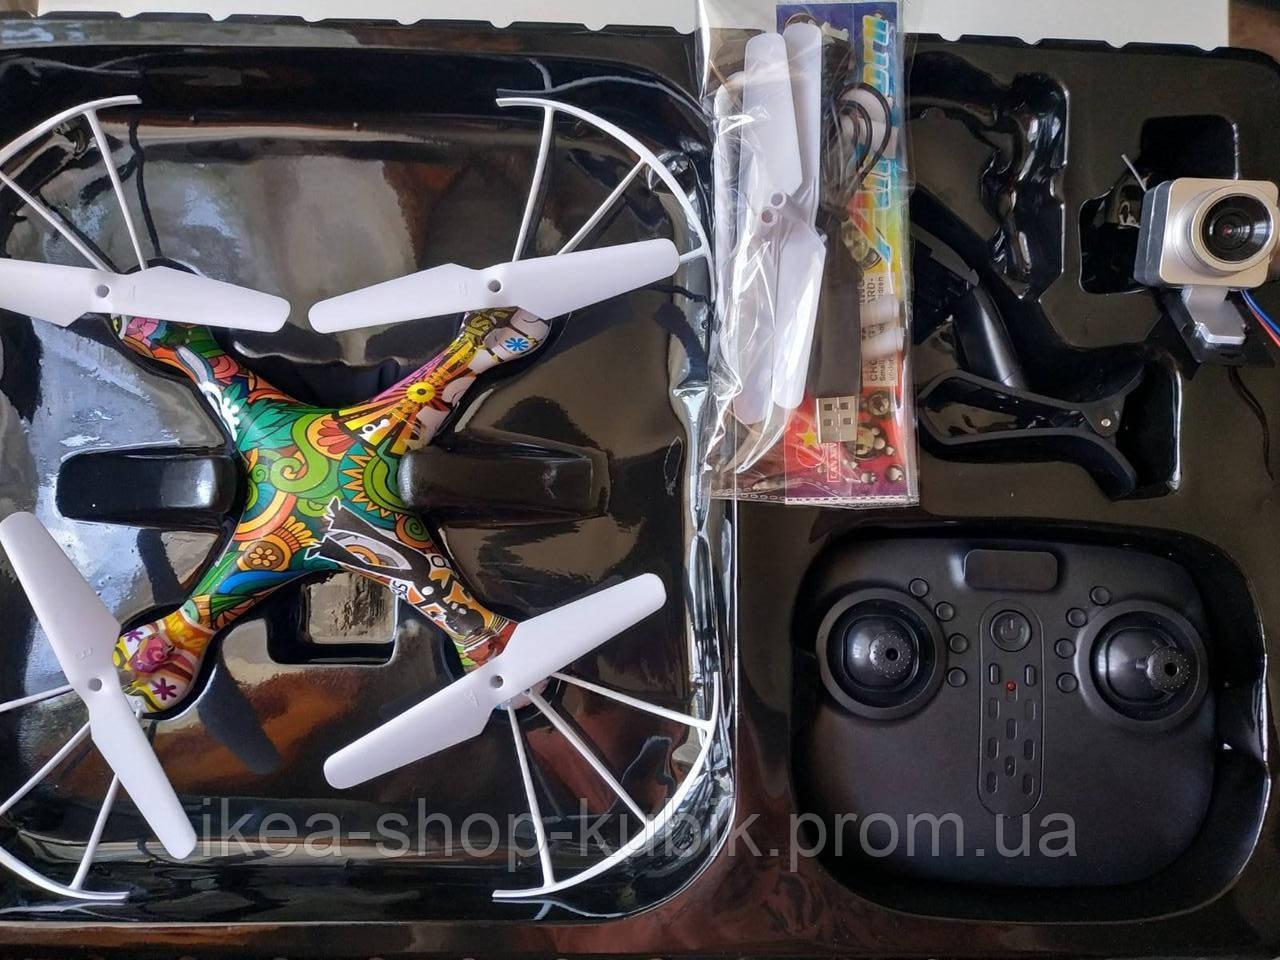 Квадрокоптер CX - 54 W , гироскоп, КАМЕРА, wi-fi